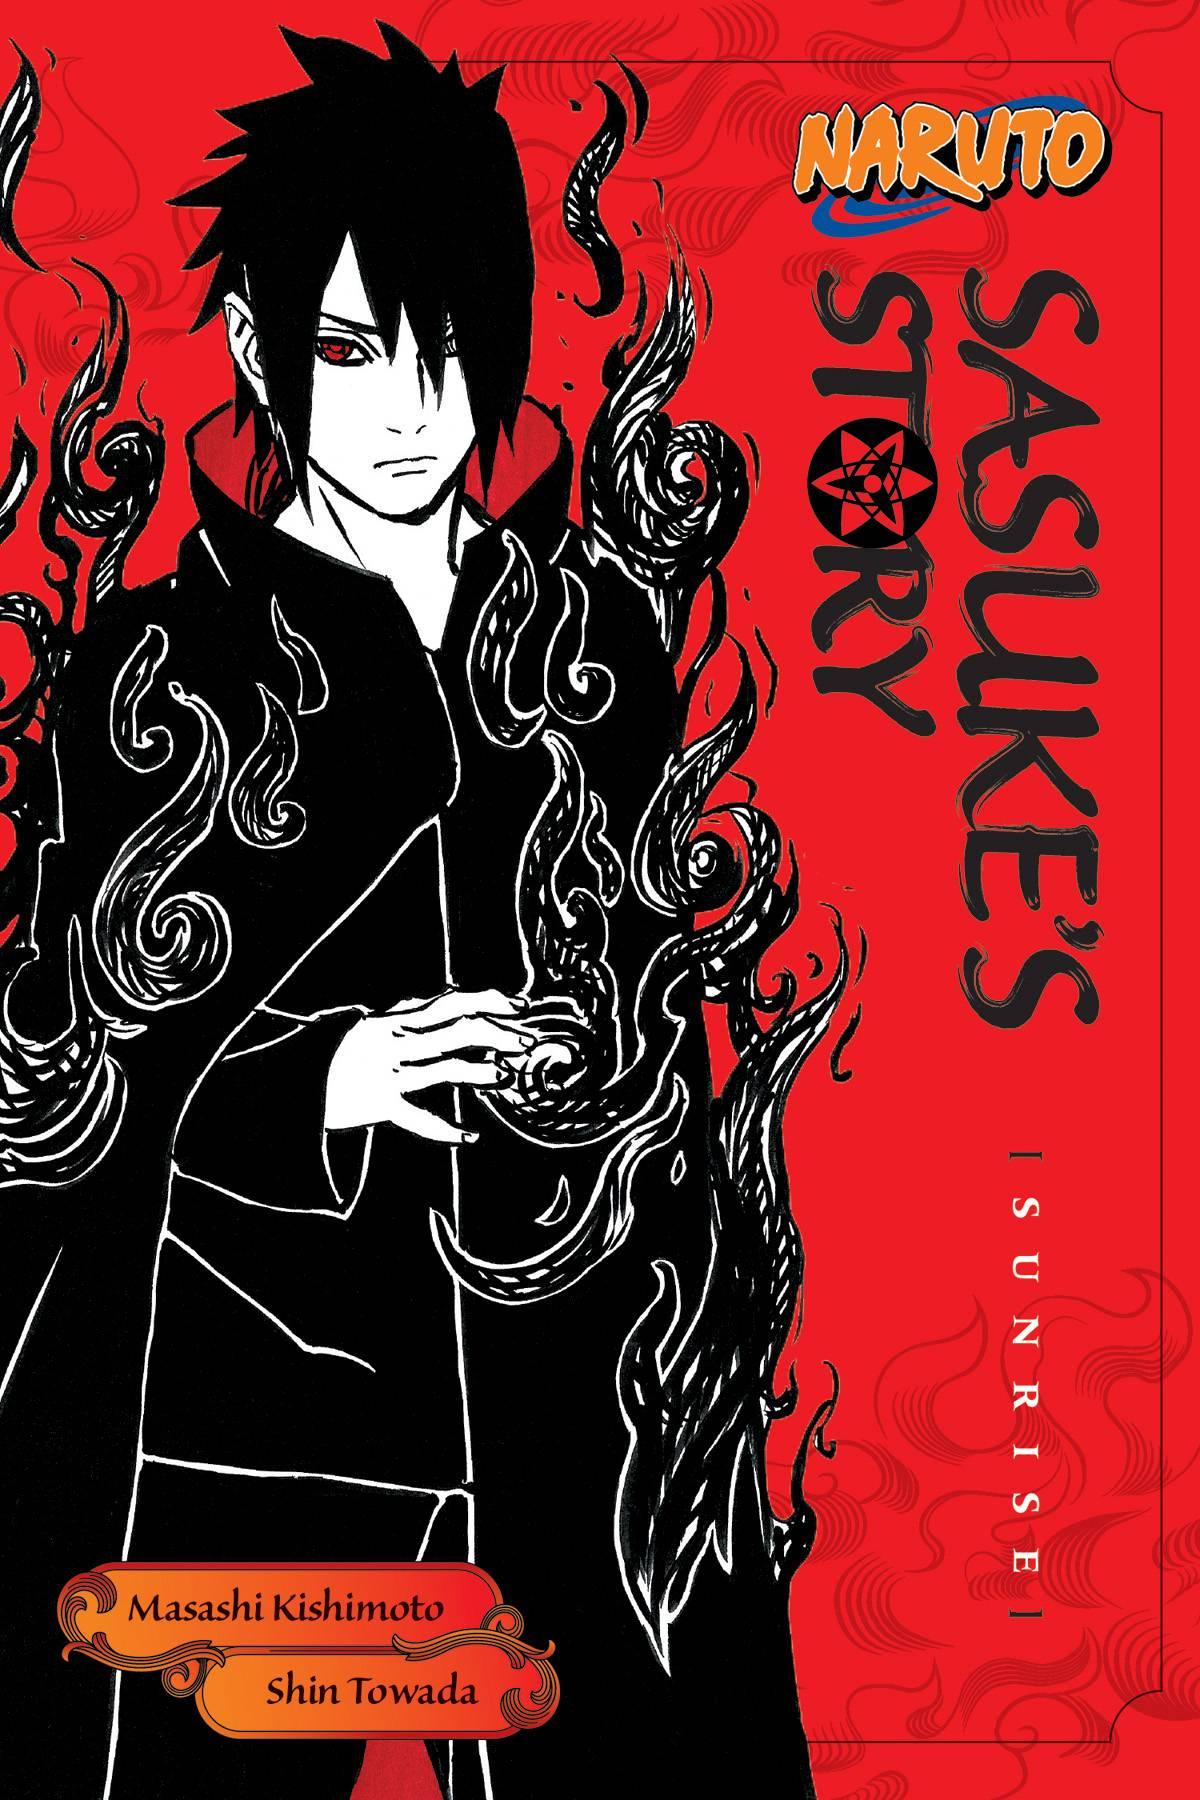 NARUTO NOVEL: SASUKE STORY VOL 03 Sunrise